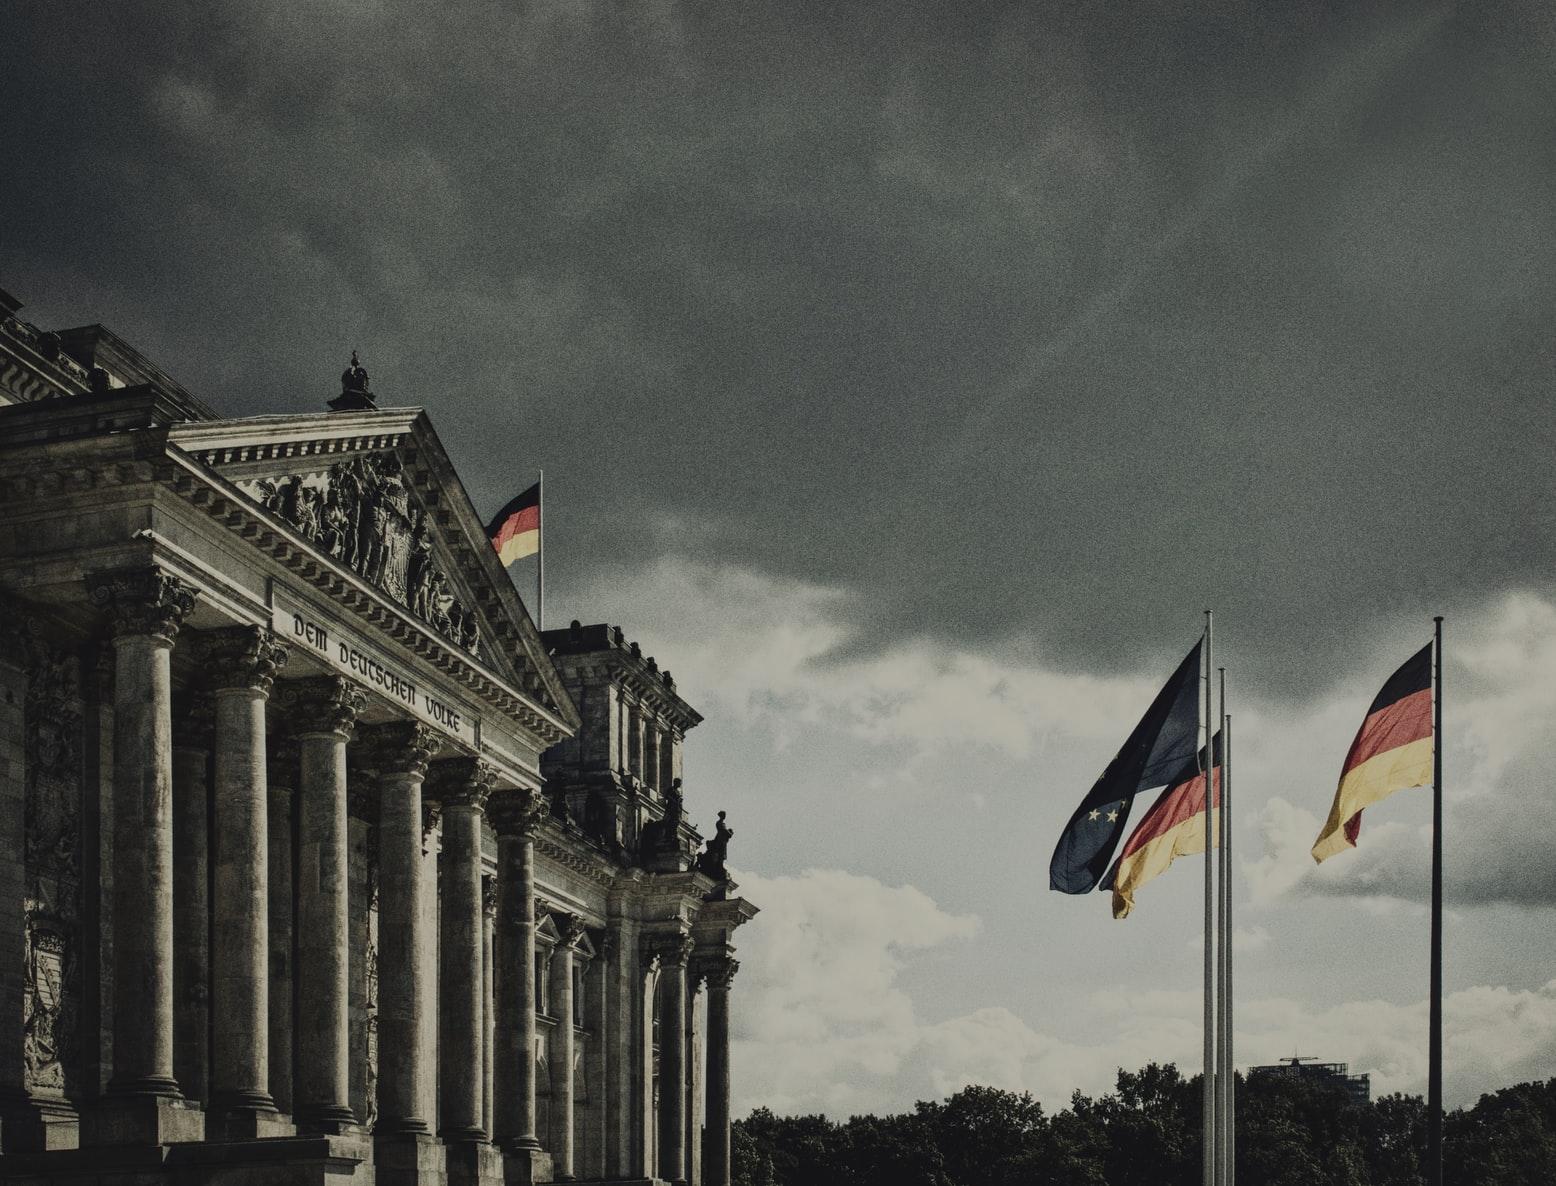 Alemania cierra sus fronteras 16 marzo 2020